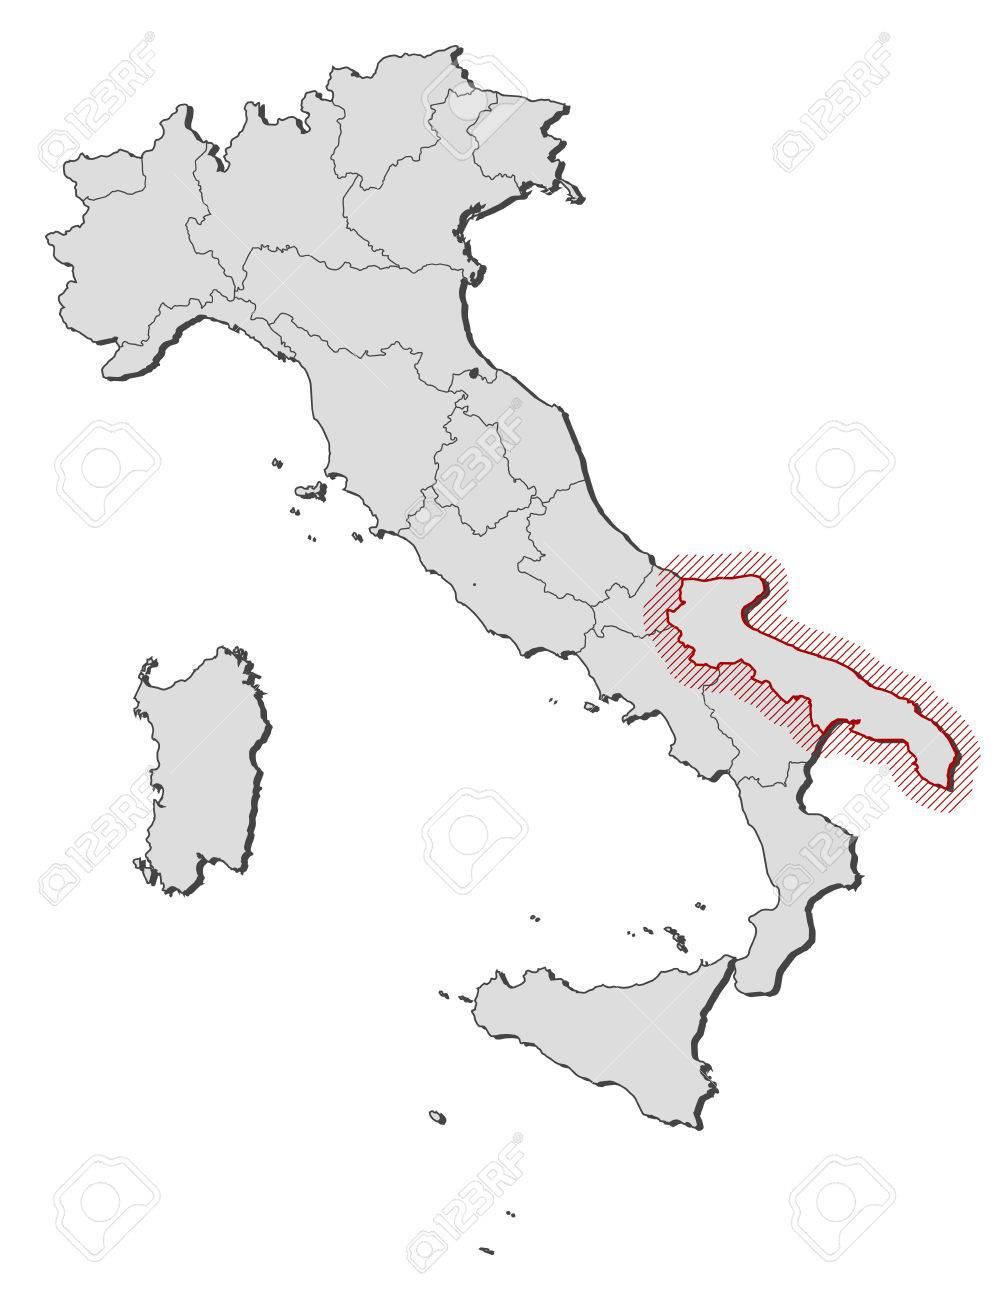 Cartina Muta Puglia.Vettoriale Mappa D Italia Con Le Province La Puglia E Evidenziato Da Un Tratteggio Image 58074048